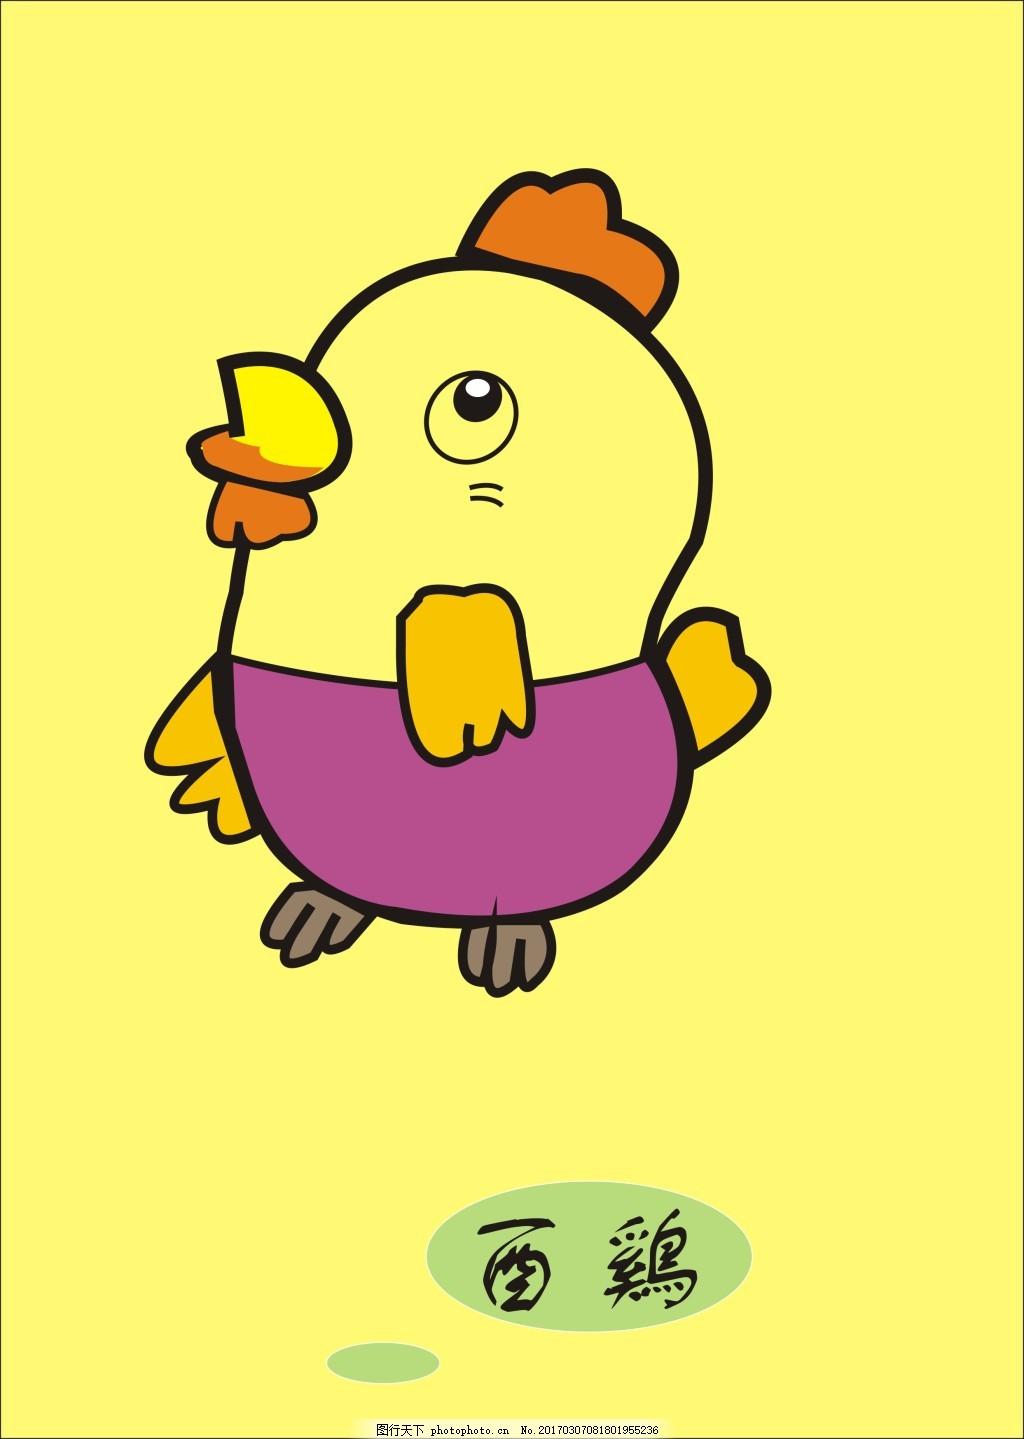 12生肖卡通版 卡通 十二生肖 动物